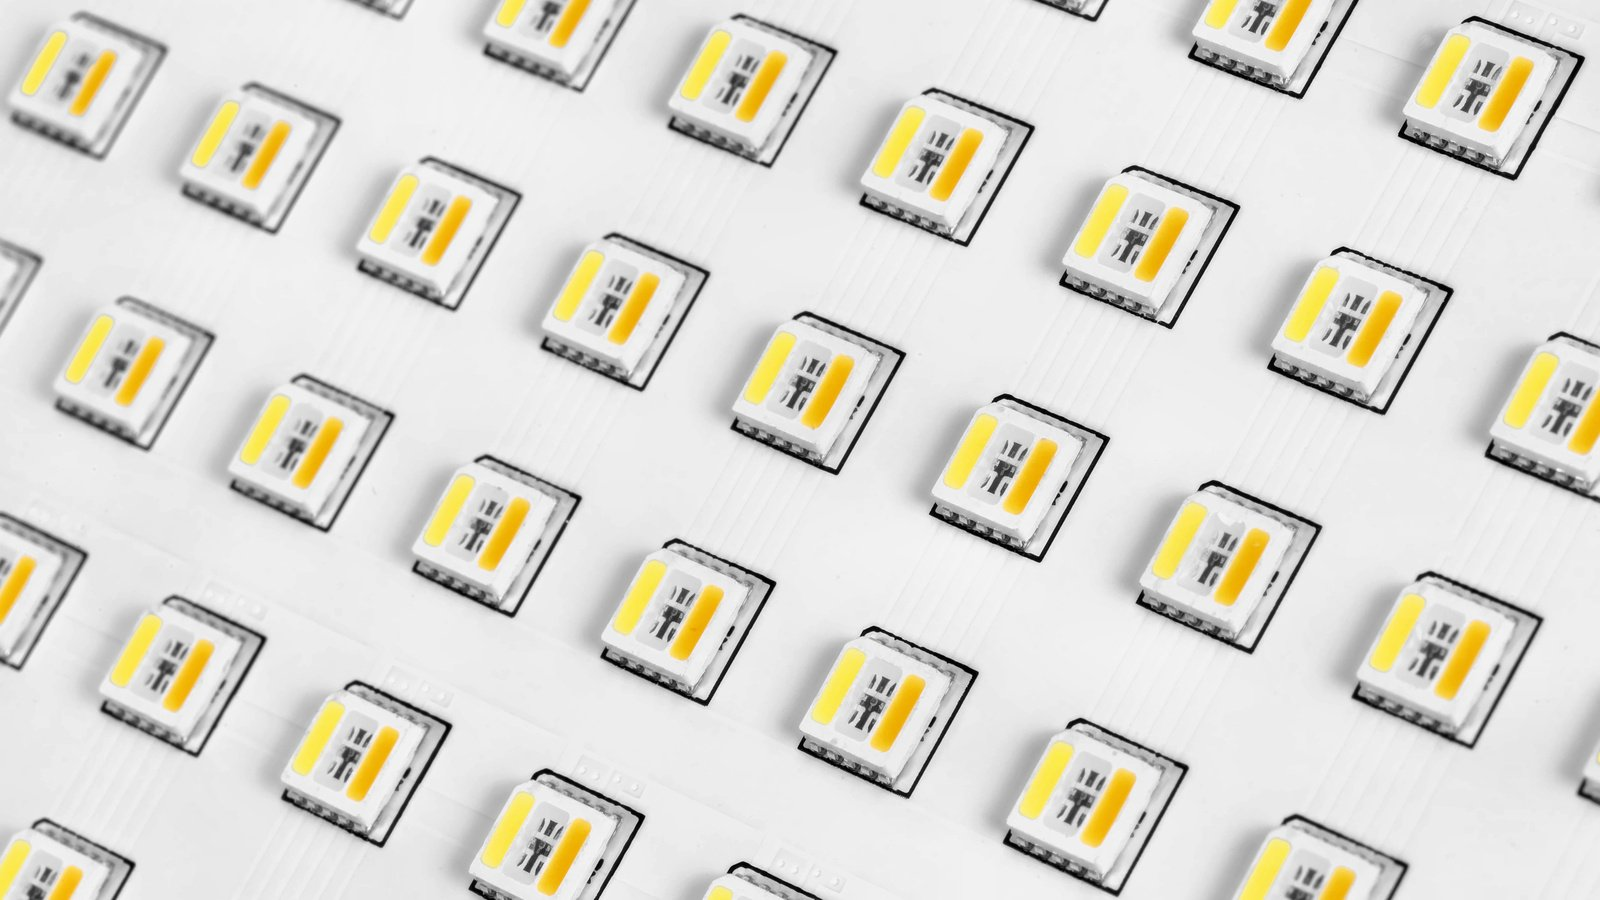 Insgesamt sind 216 RGB LEDs verbaut, die einen CRI von 95 schaffen.